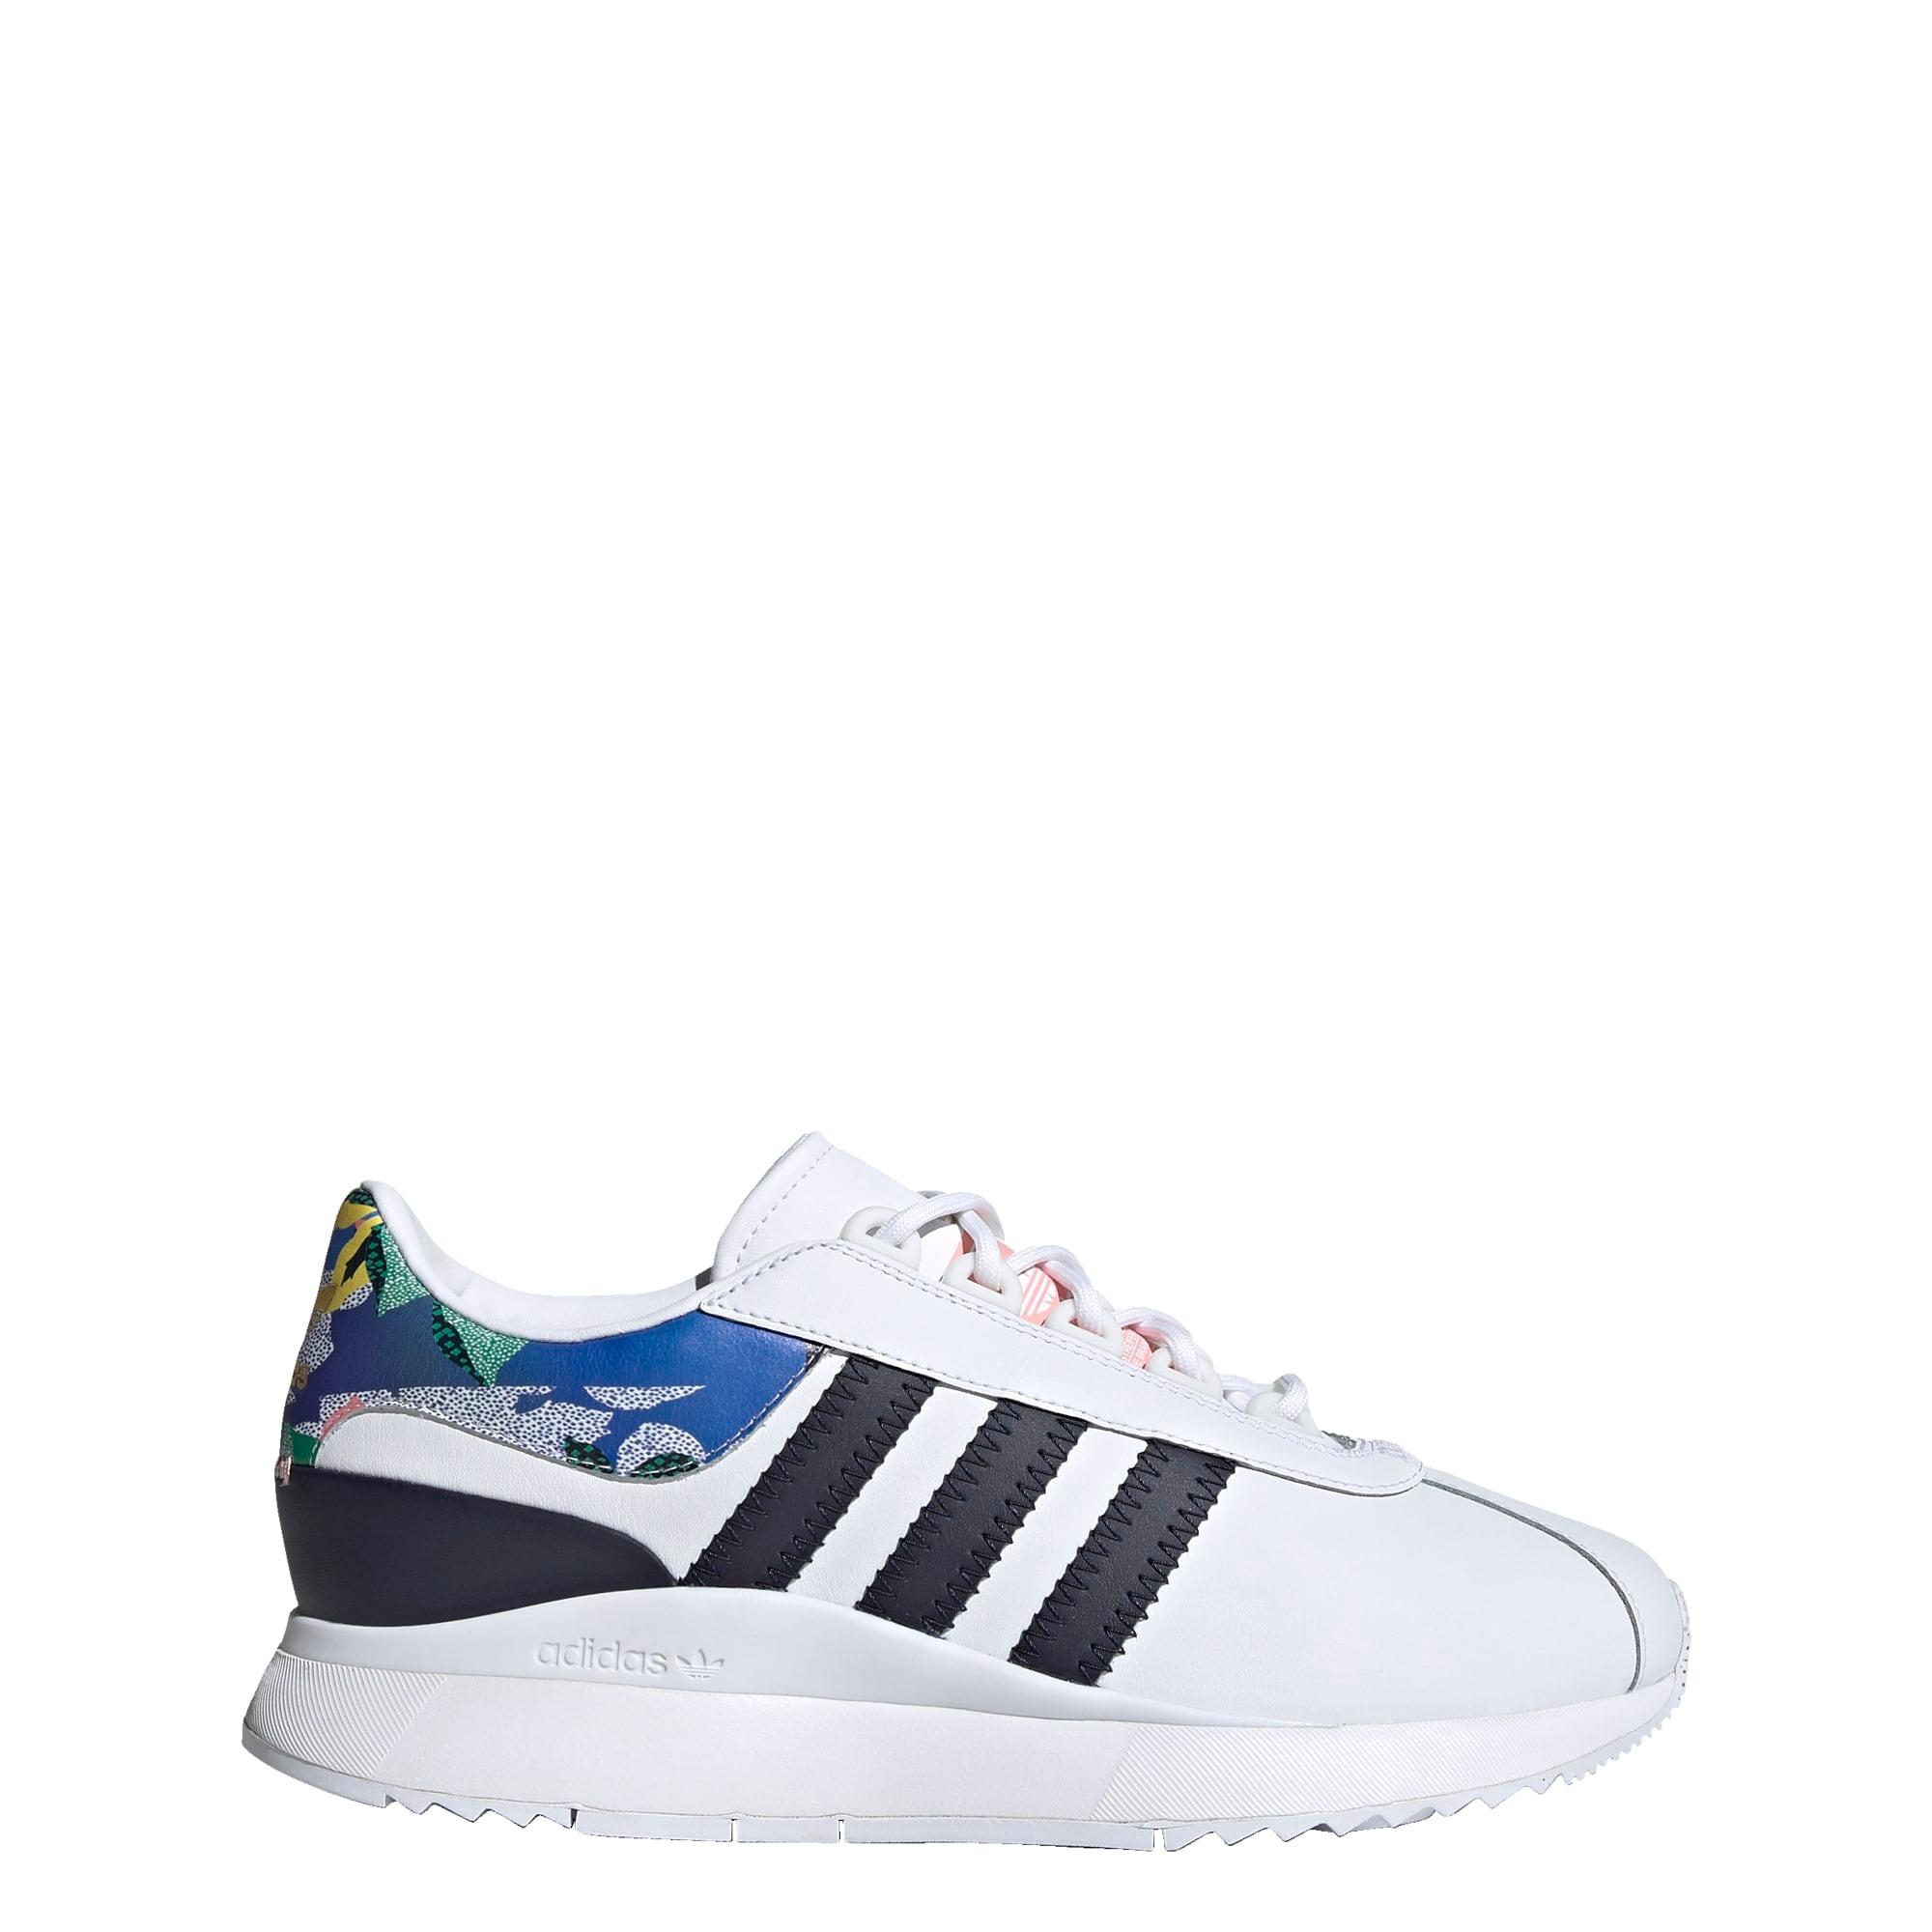 adidas originals - Schuhe 'SL Andridge'